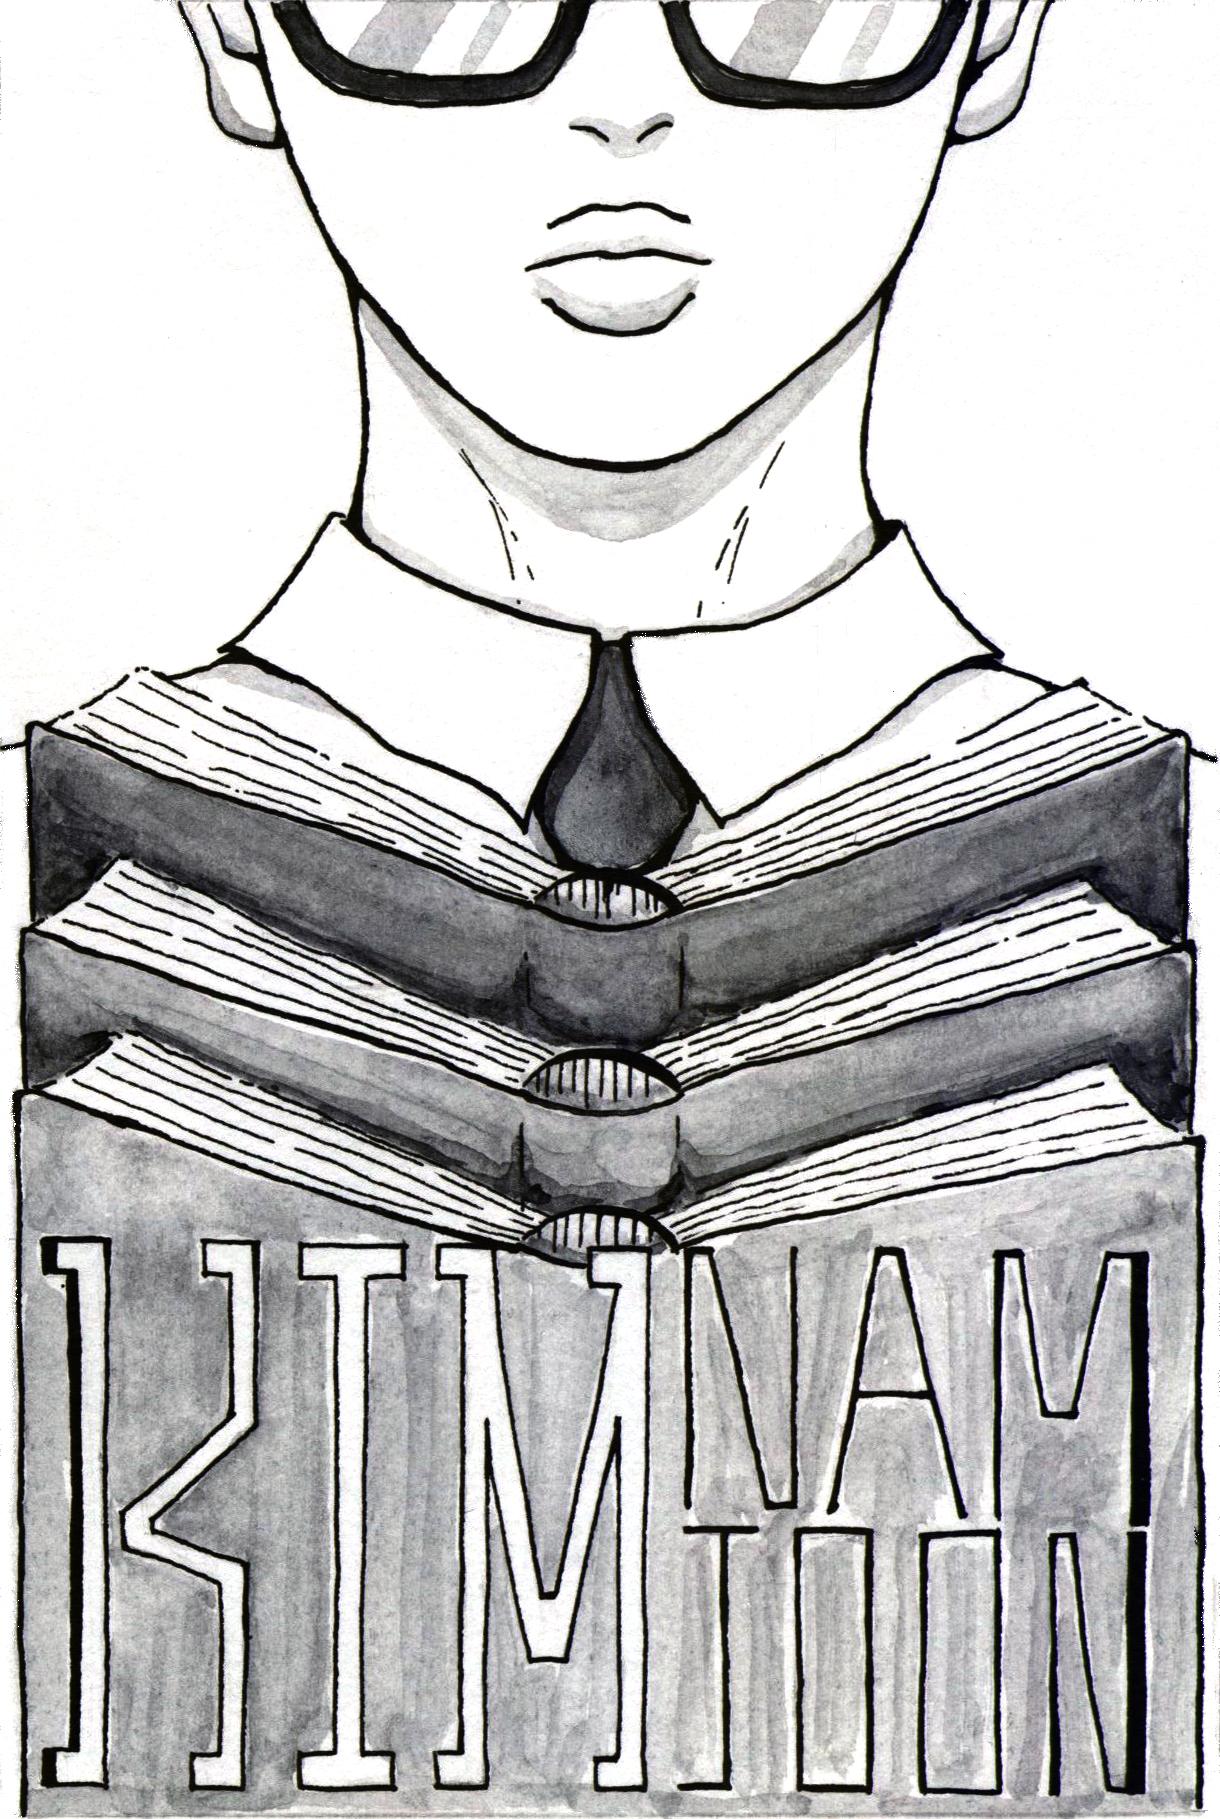 海报设计   Poster Design